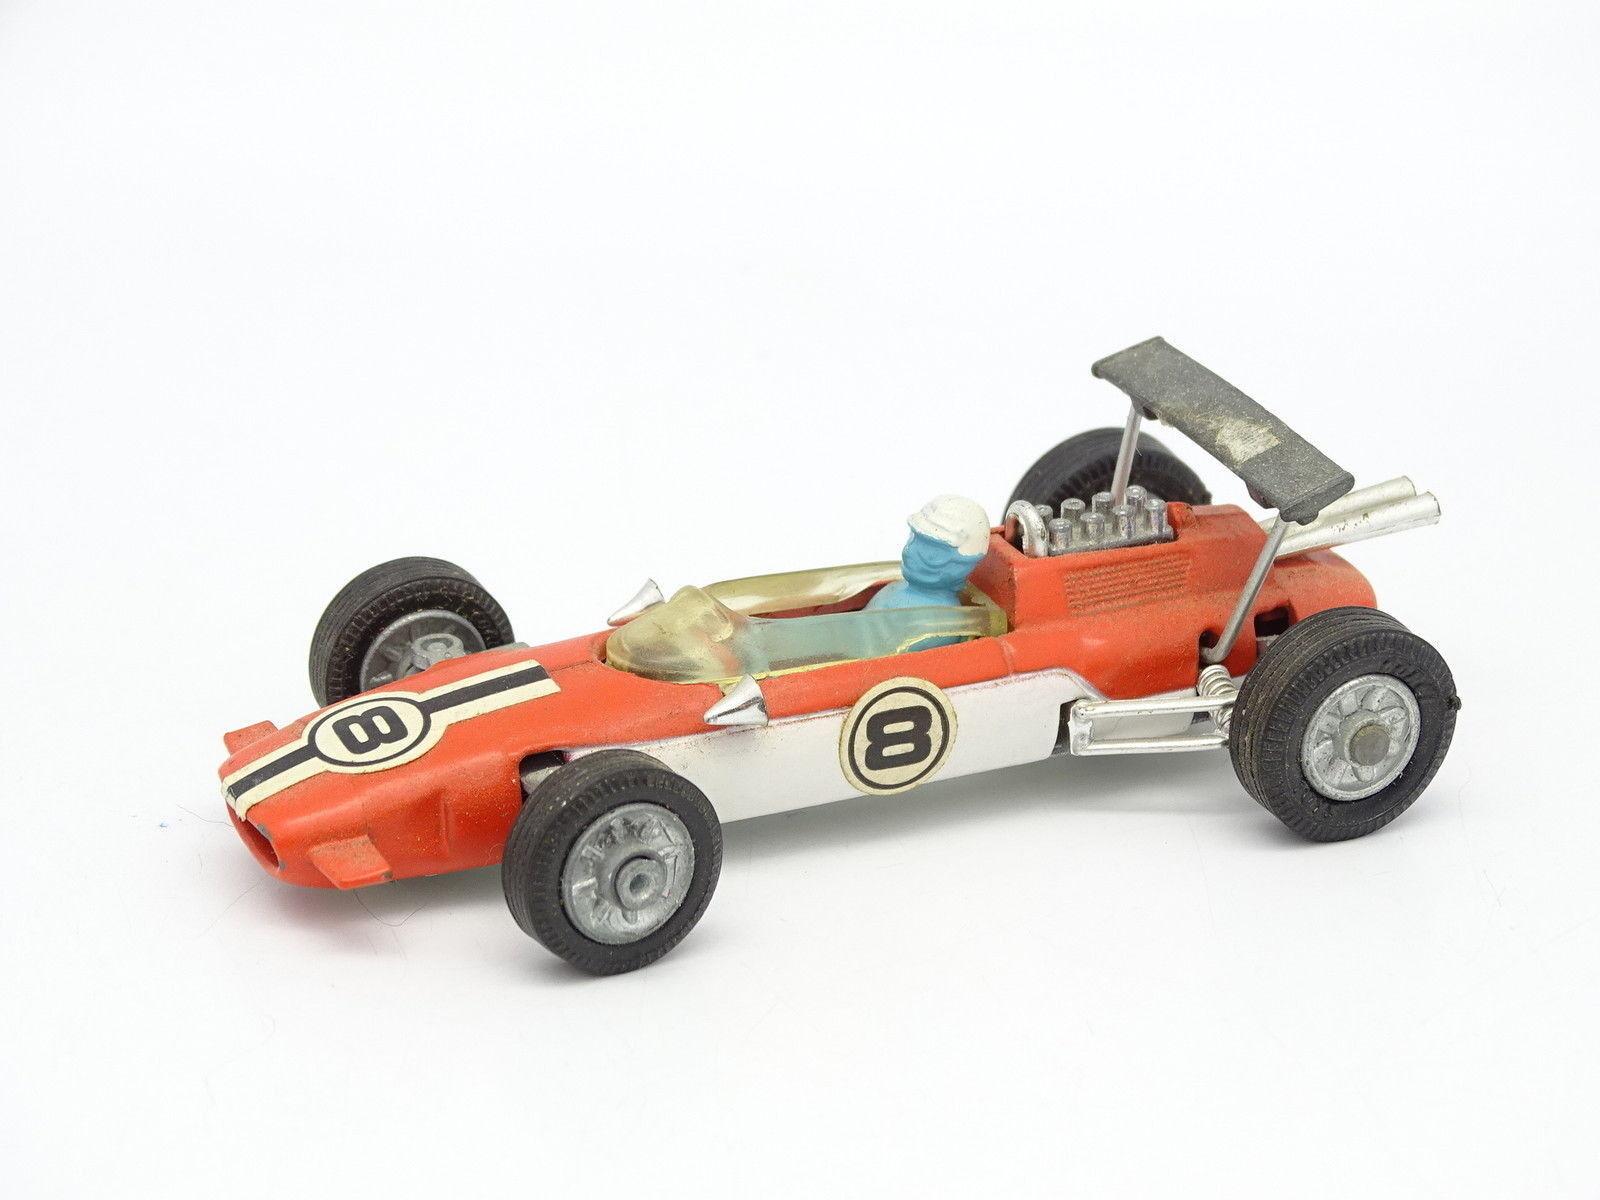 Corgi Toys SB 1 43 - Lotus Climax F1 N°8